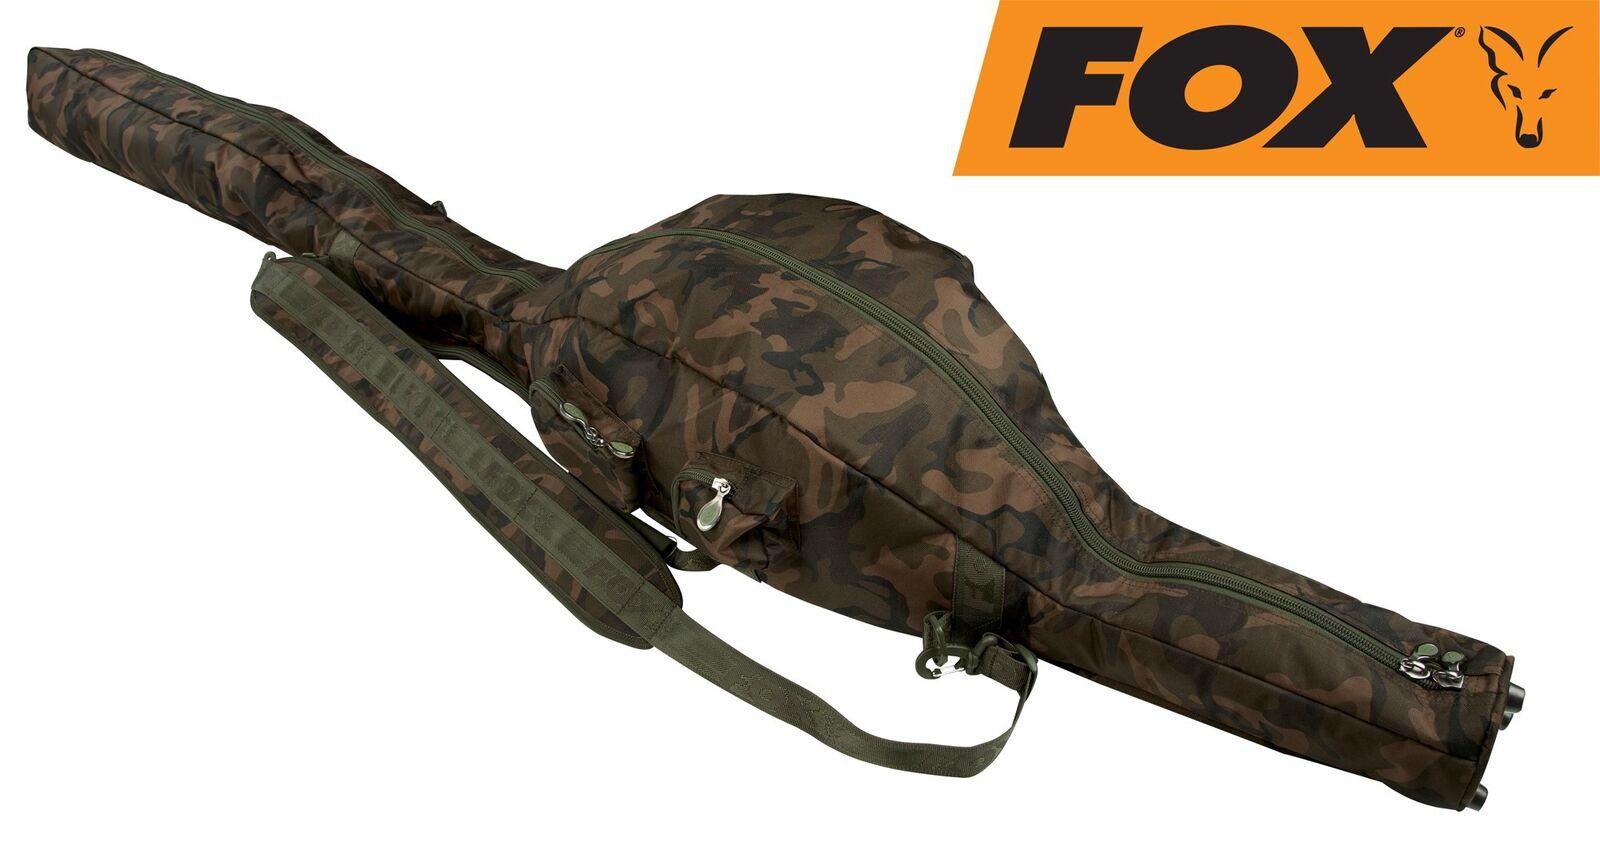 Fox Camolite Tri Angeltasche Sleeve 12ft Rutentasche, Angelfutteral für Ruten, Angeltasche Tri 8f6a77